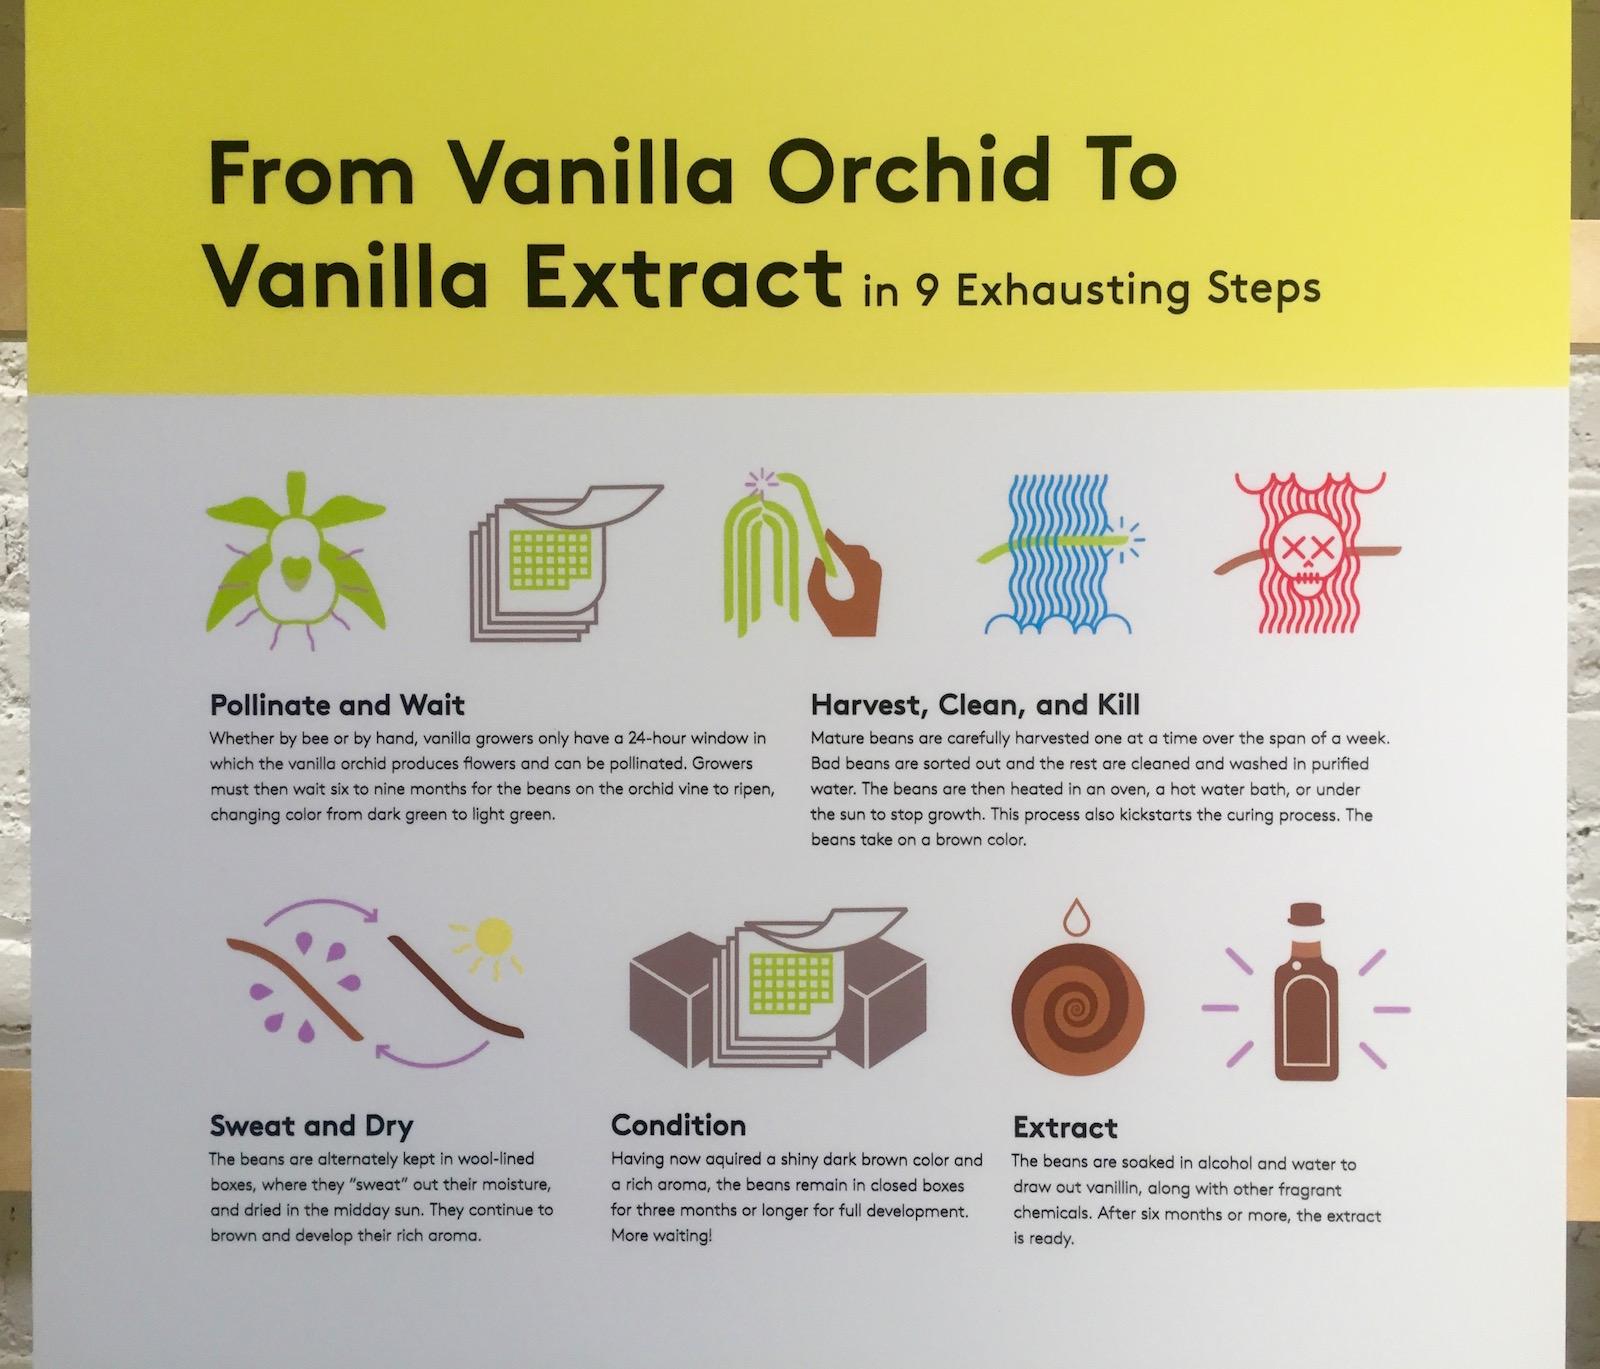 MOFAD-flavor-vanilla